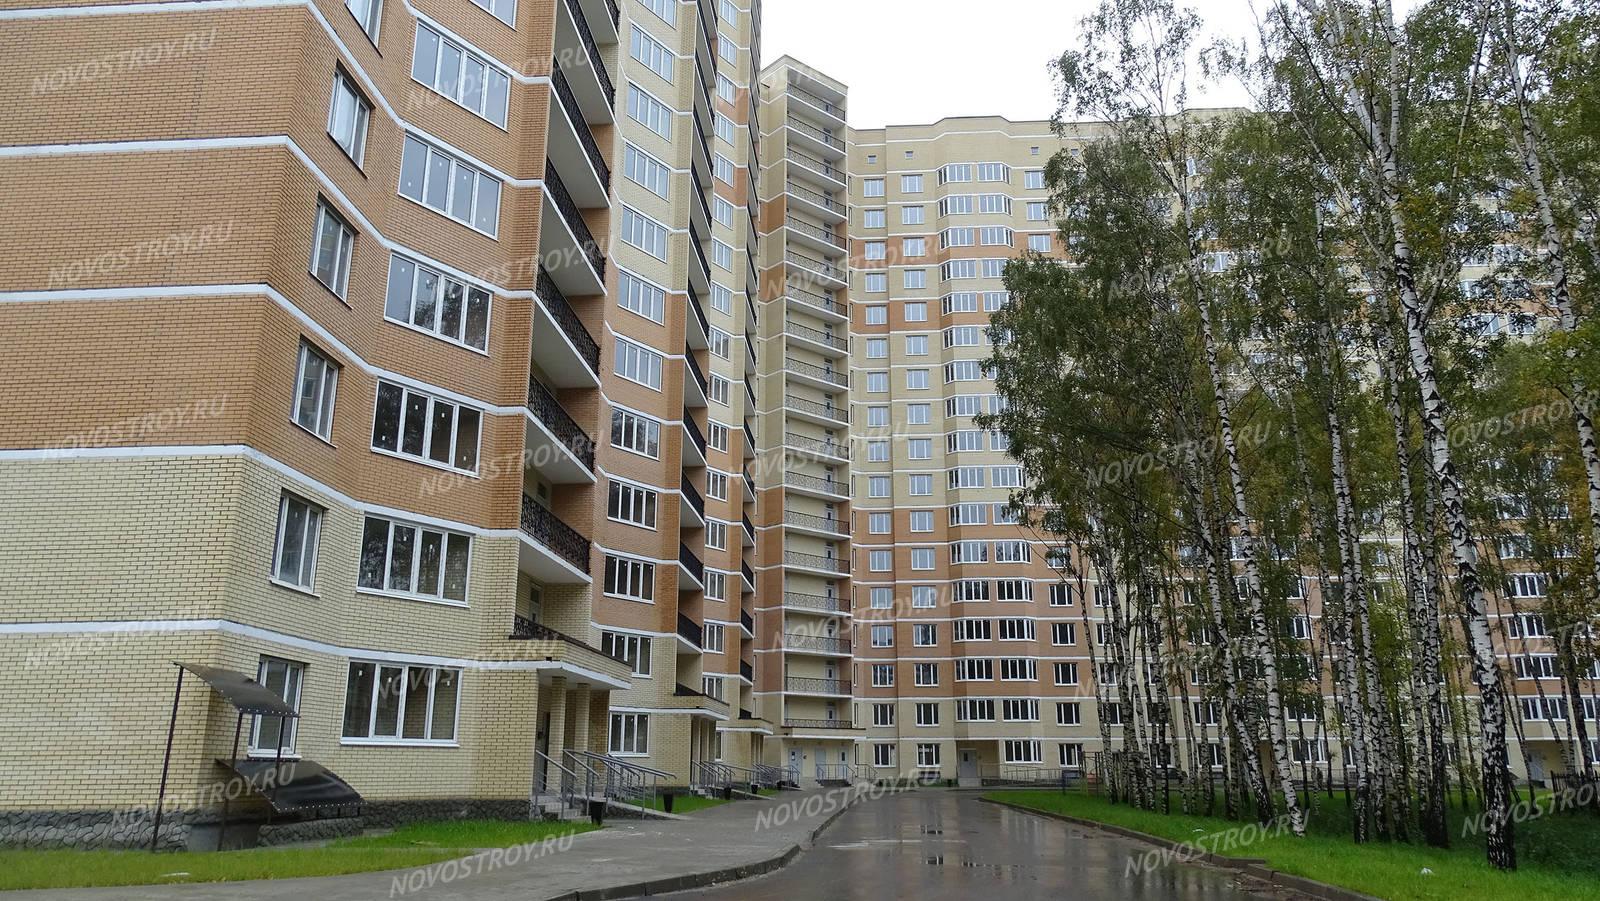 Сдам на длительный срок 1 ккв у метро академическая, на улице гжатская 22 корпус 2 новый жилой комплекс - орбита